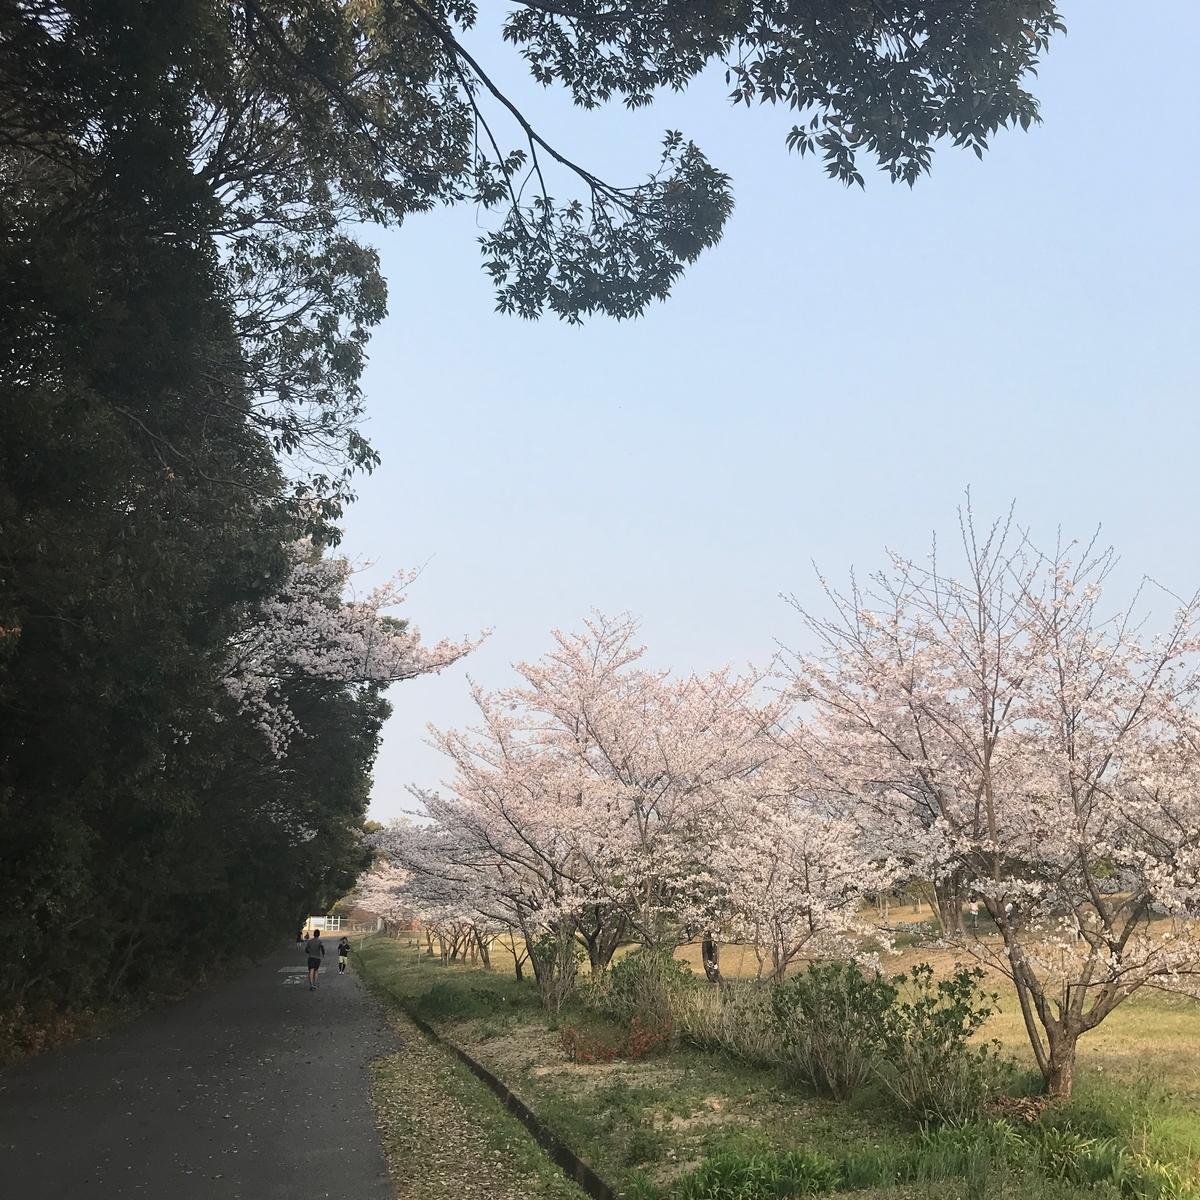 f:id:tetsu-san:20190407204454j:plain